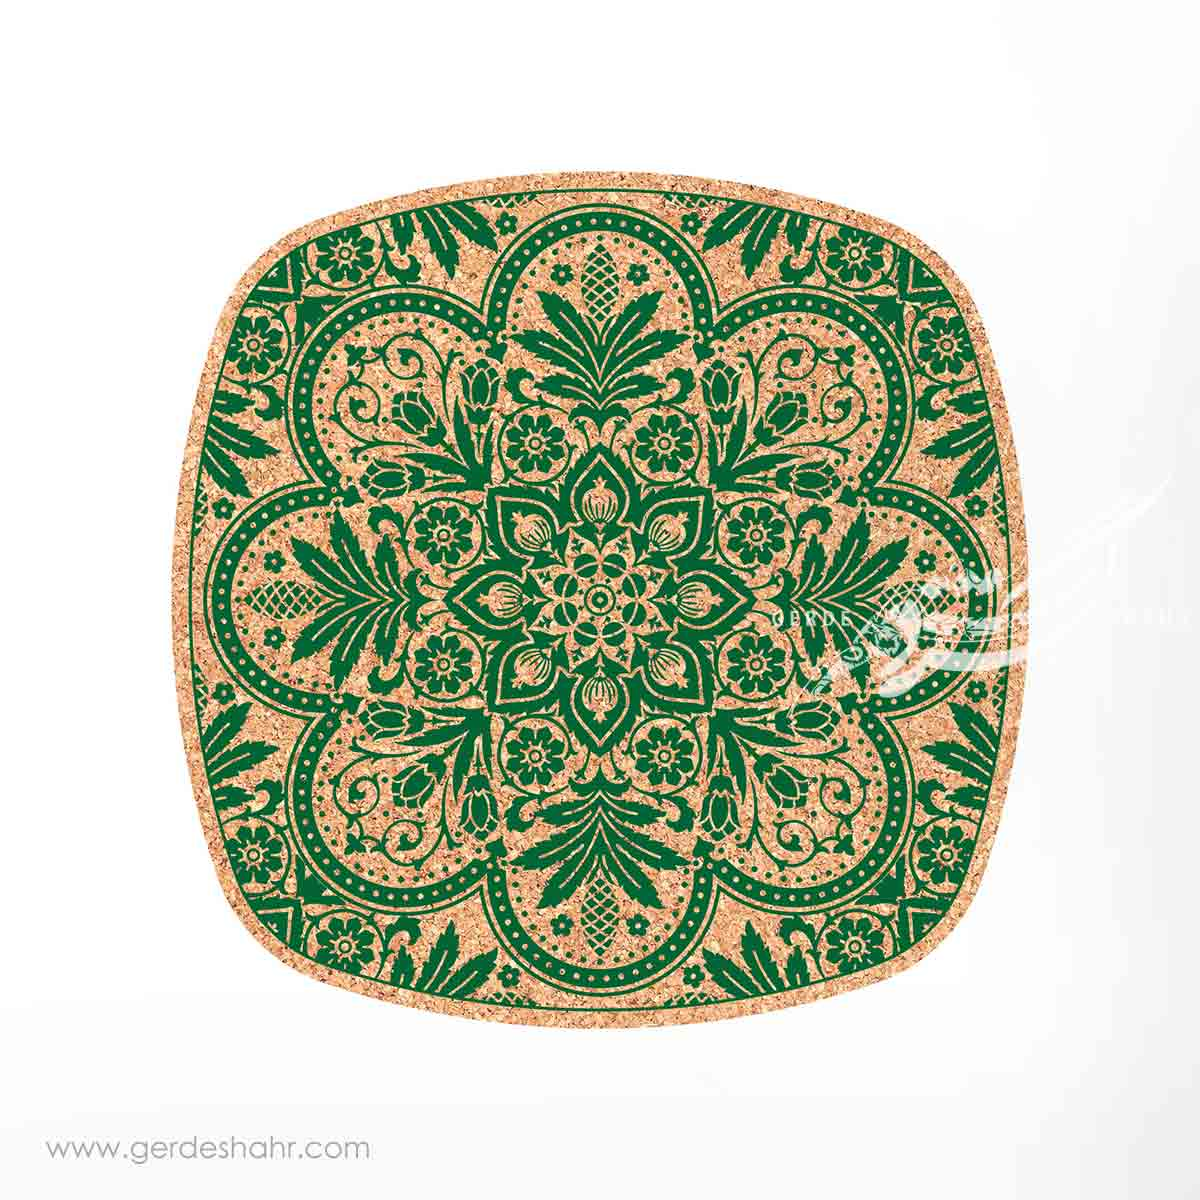 زیرقابلمه ای مربع ۲5 حوض ایرانی سبز محصولات